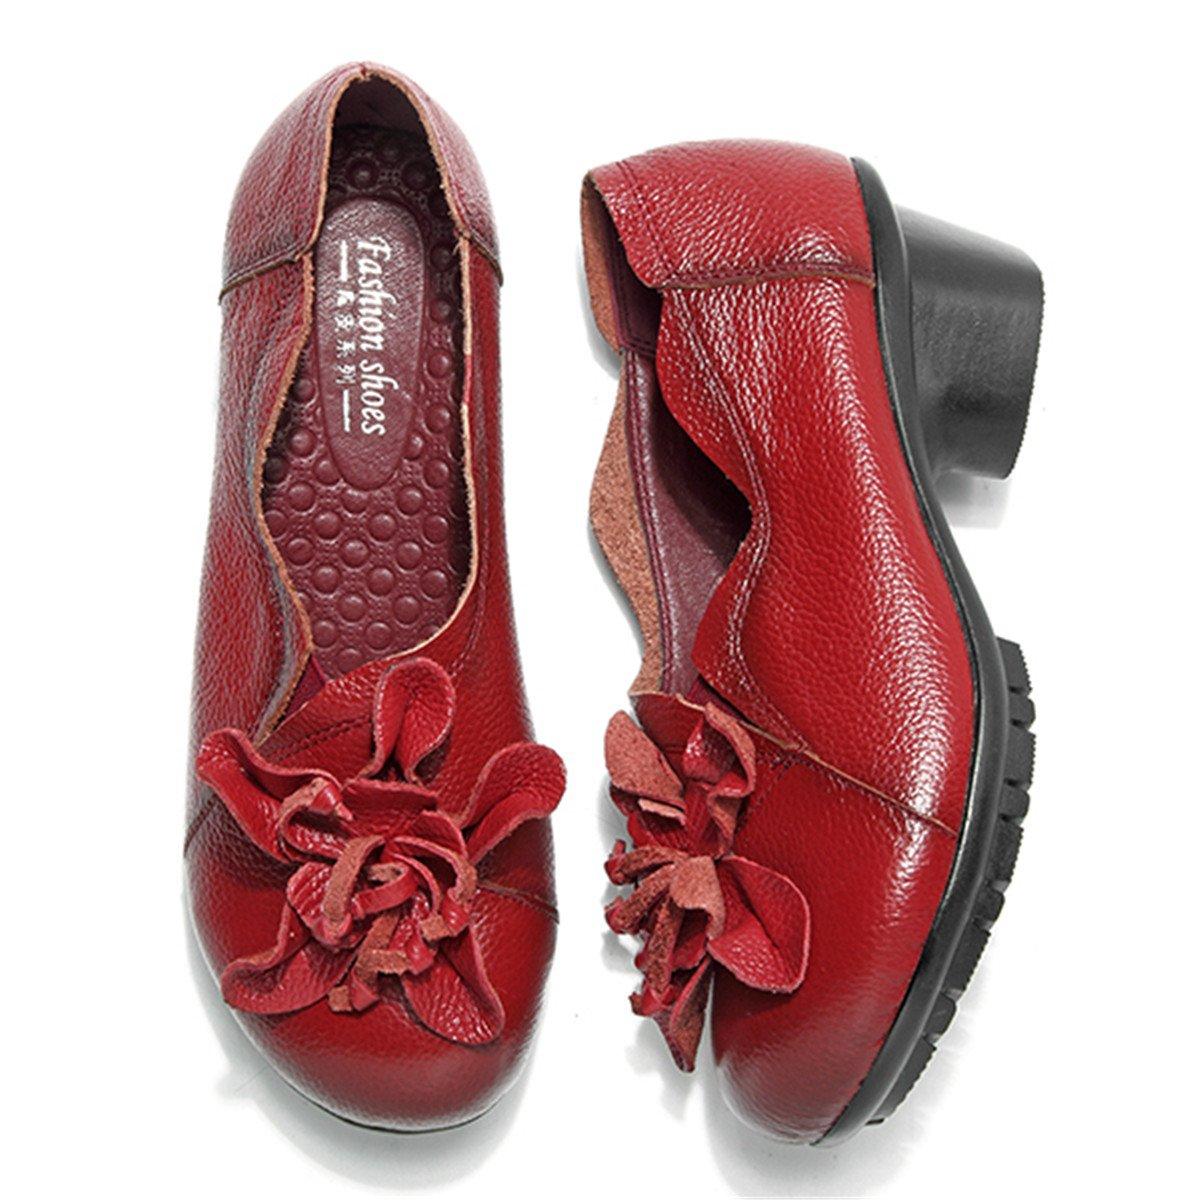 Socofy Mocasines Mujer Zapatos de Cuero Mujer Zapatos de Ballet Mocasines Zapatos Casuales Mujer Primavera Verano Casual Plano C/ómodo Cabeza Redonda de Cuero Zapatillas de Mocas/ín Zapatos de Barco